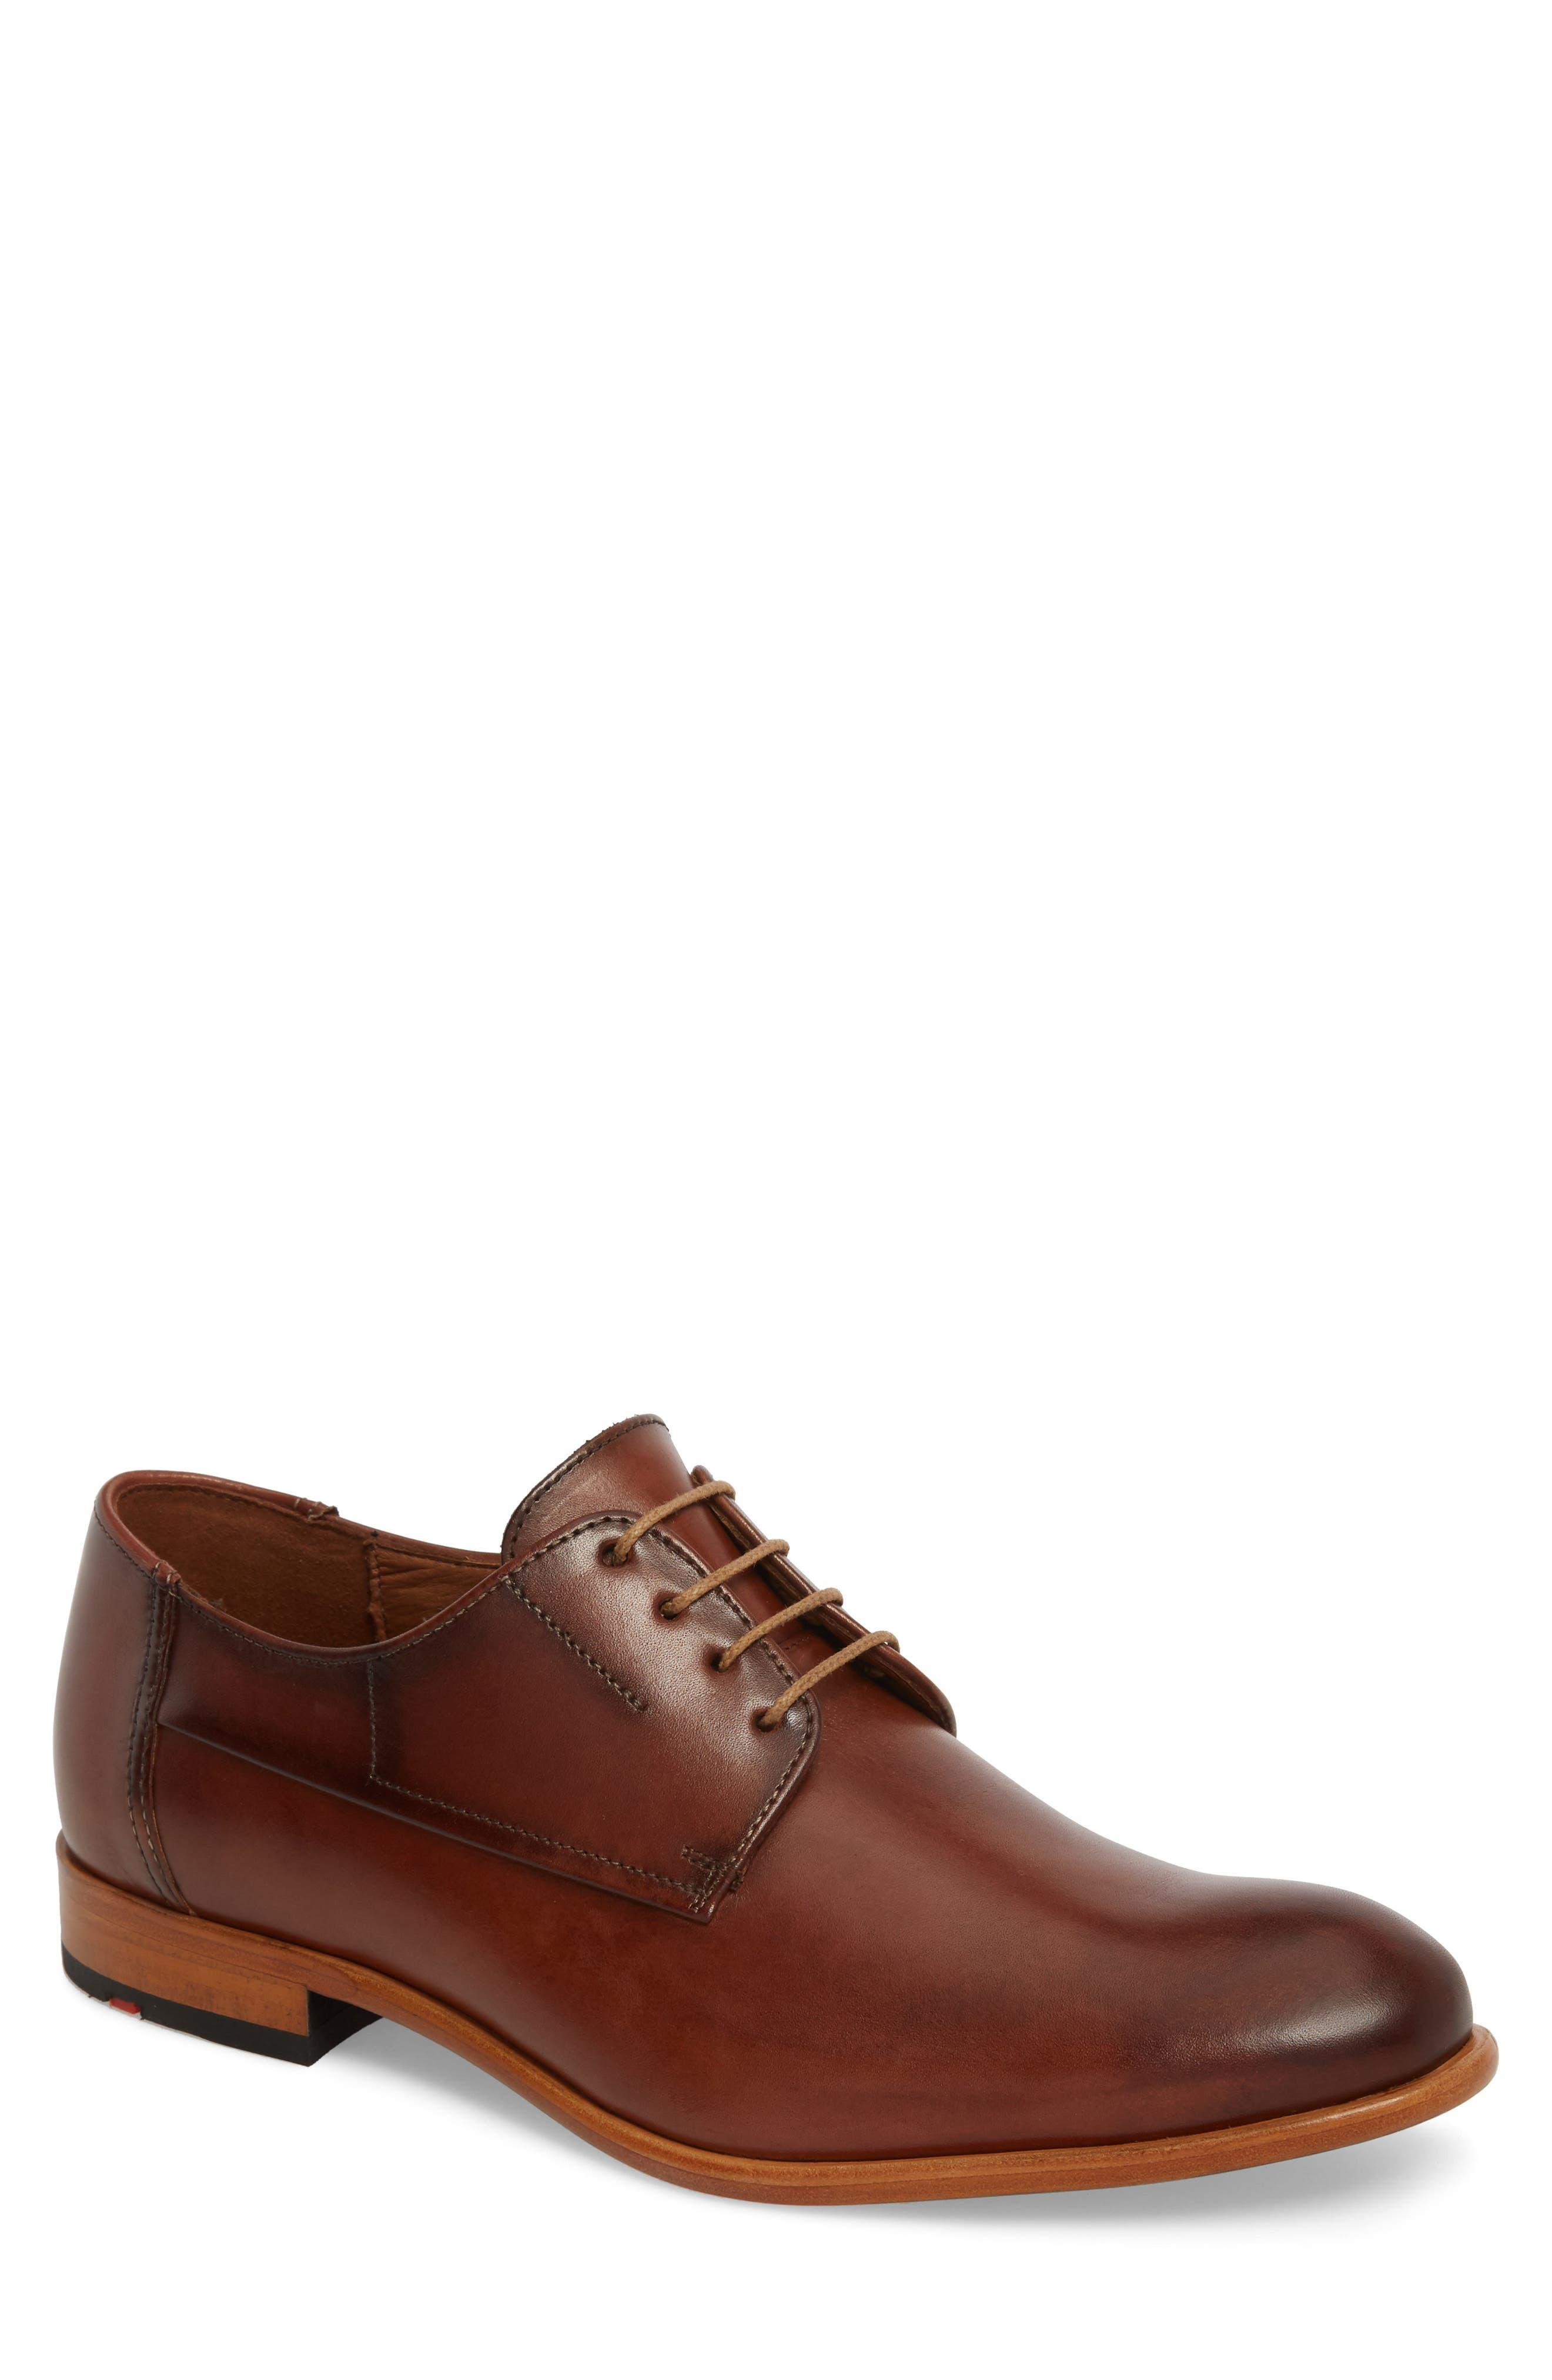 Nansen Plain Toe Derby,                             Main thumbnail 1, color,                             Cognac Leather